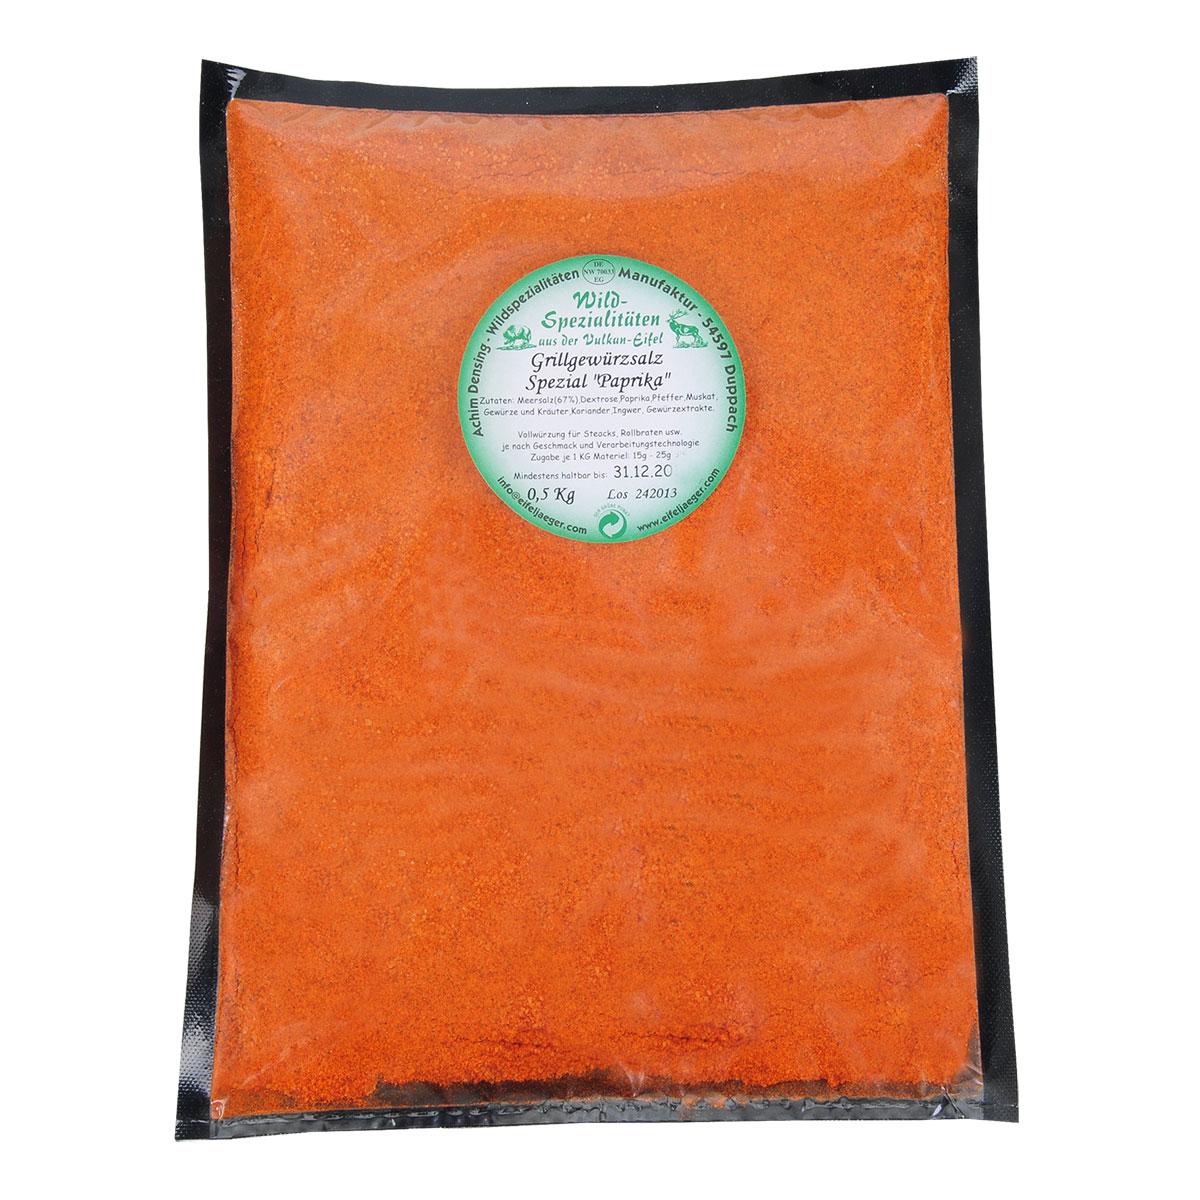 Wild-Würzmischung Grillgewürz Spezial Paprika im Pareyshop